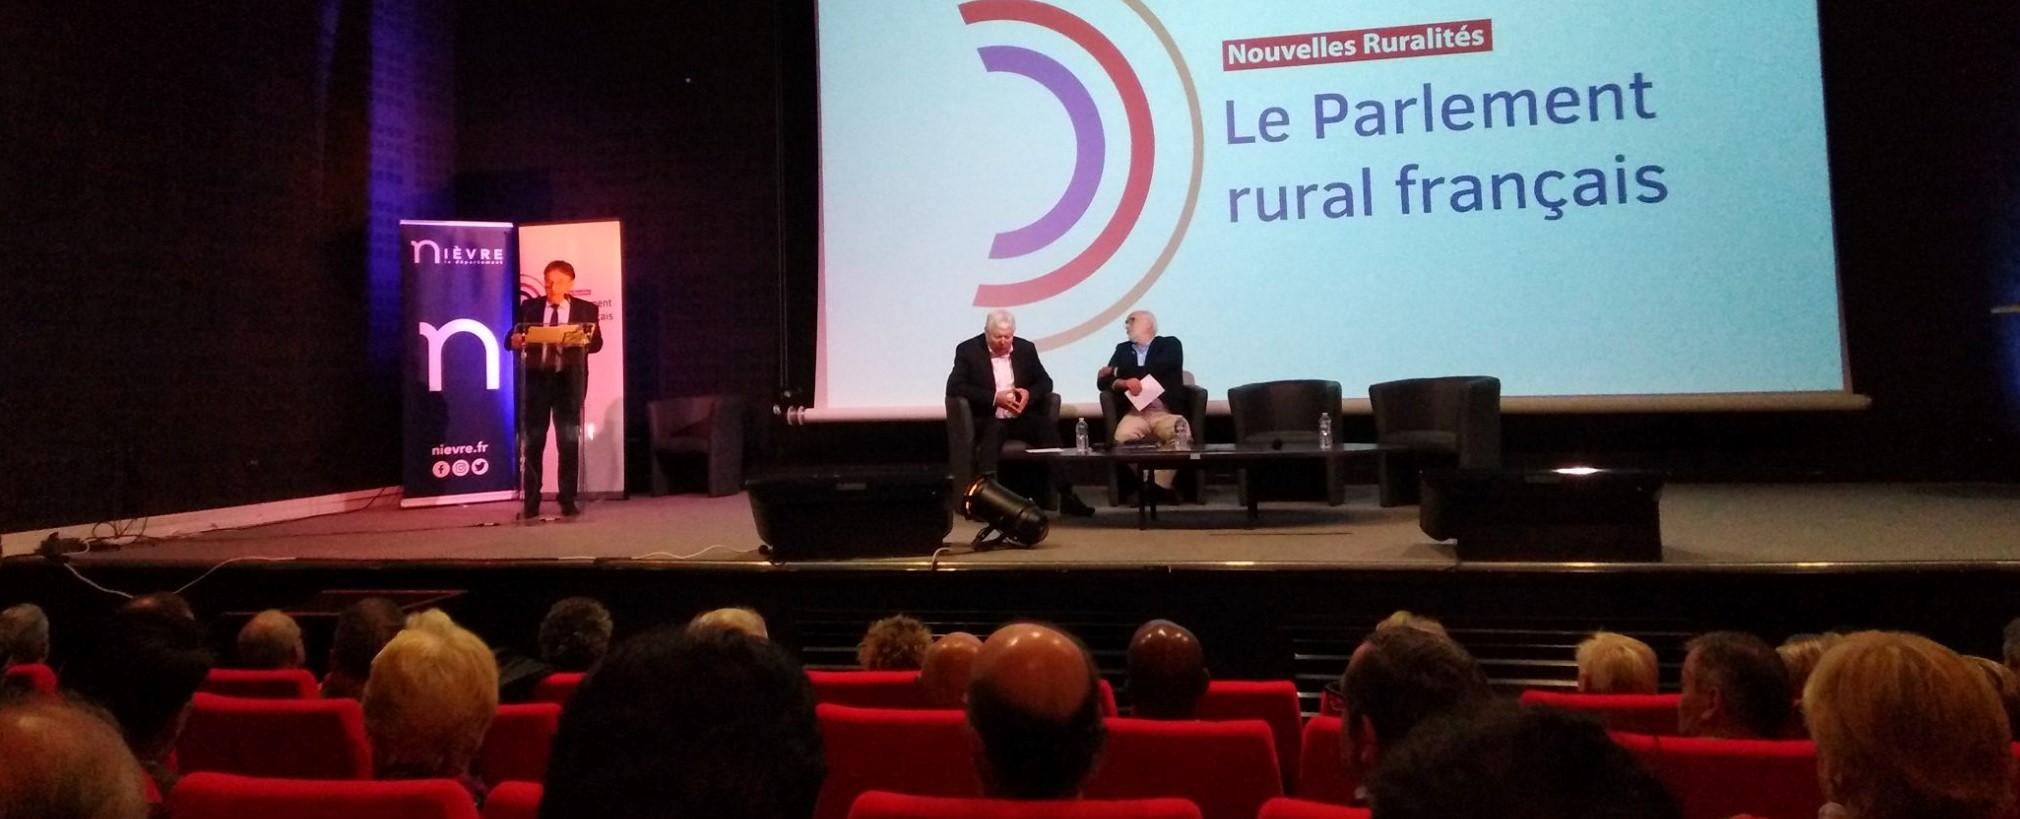 Première réunion du parlement rural français à Magny-Cours le mardi 15 octobre 2019